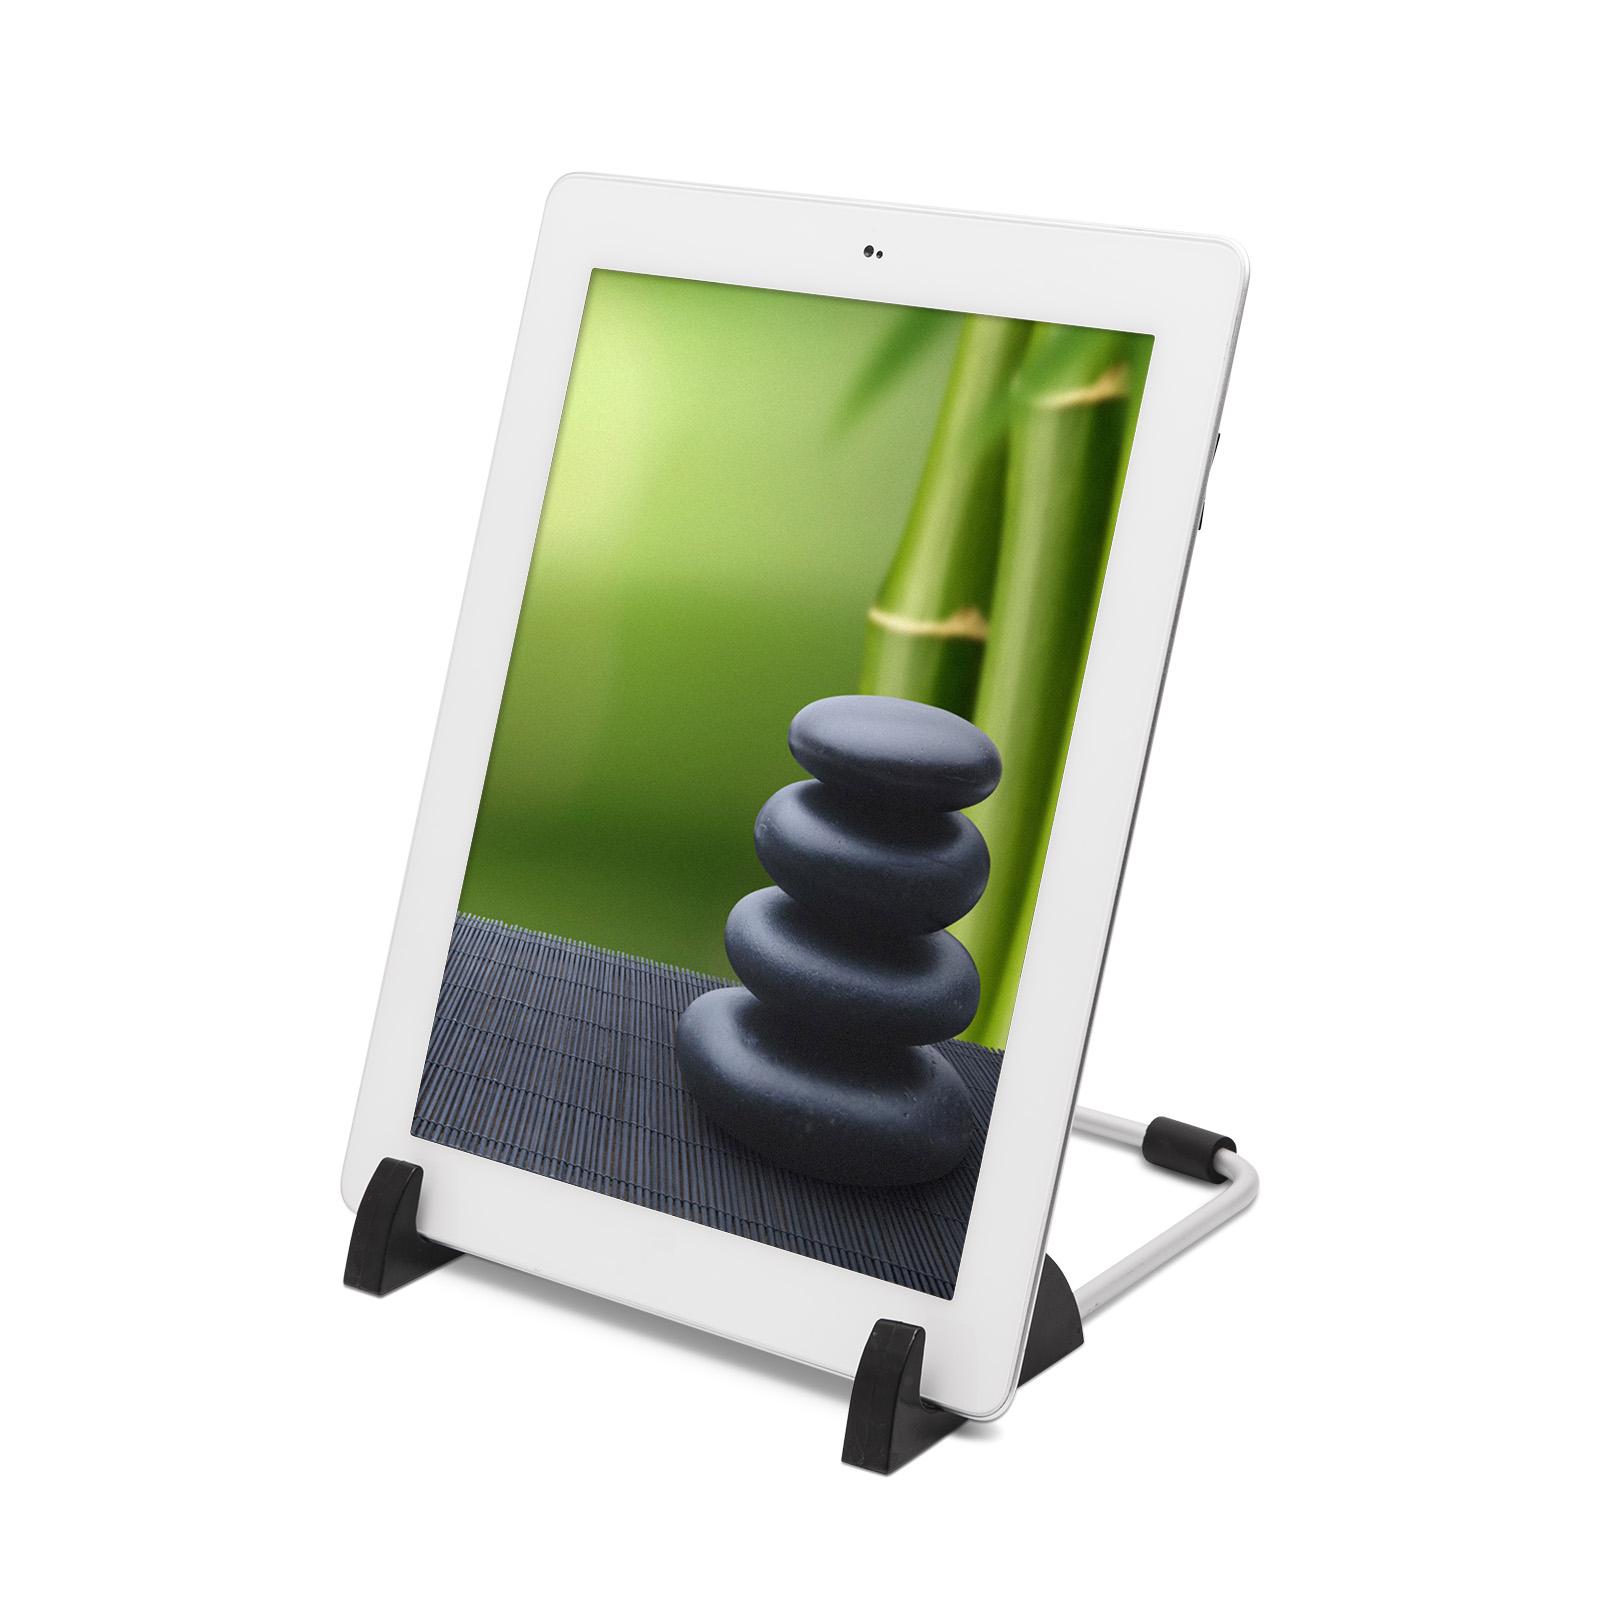 Držáček - podstavec na tablet - Fiber Mounts TA55400 / drzakyastolky.cz